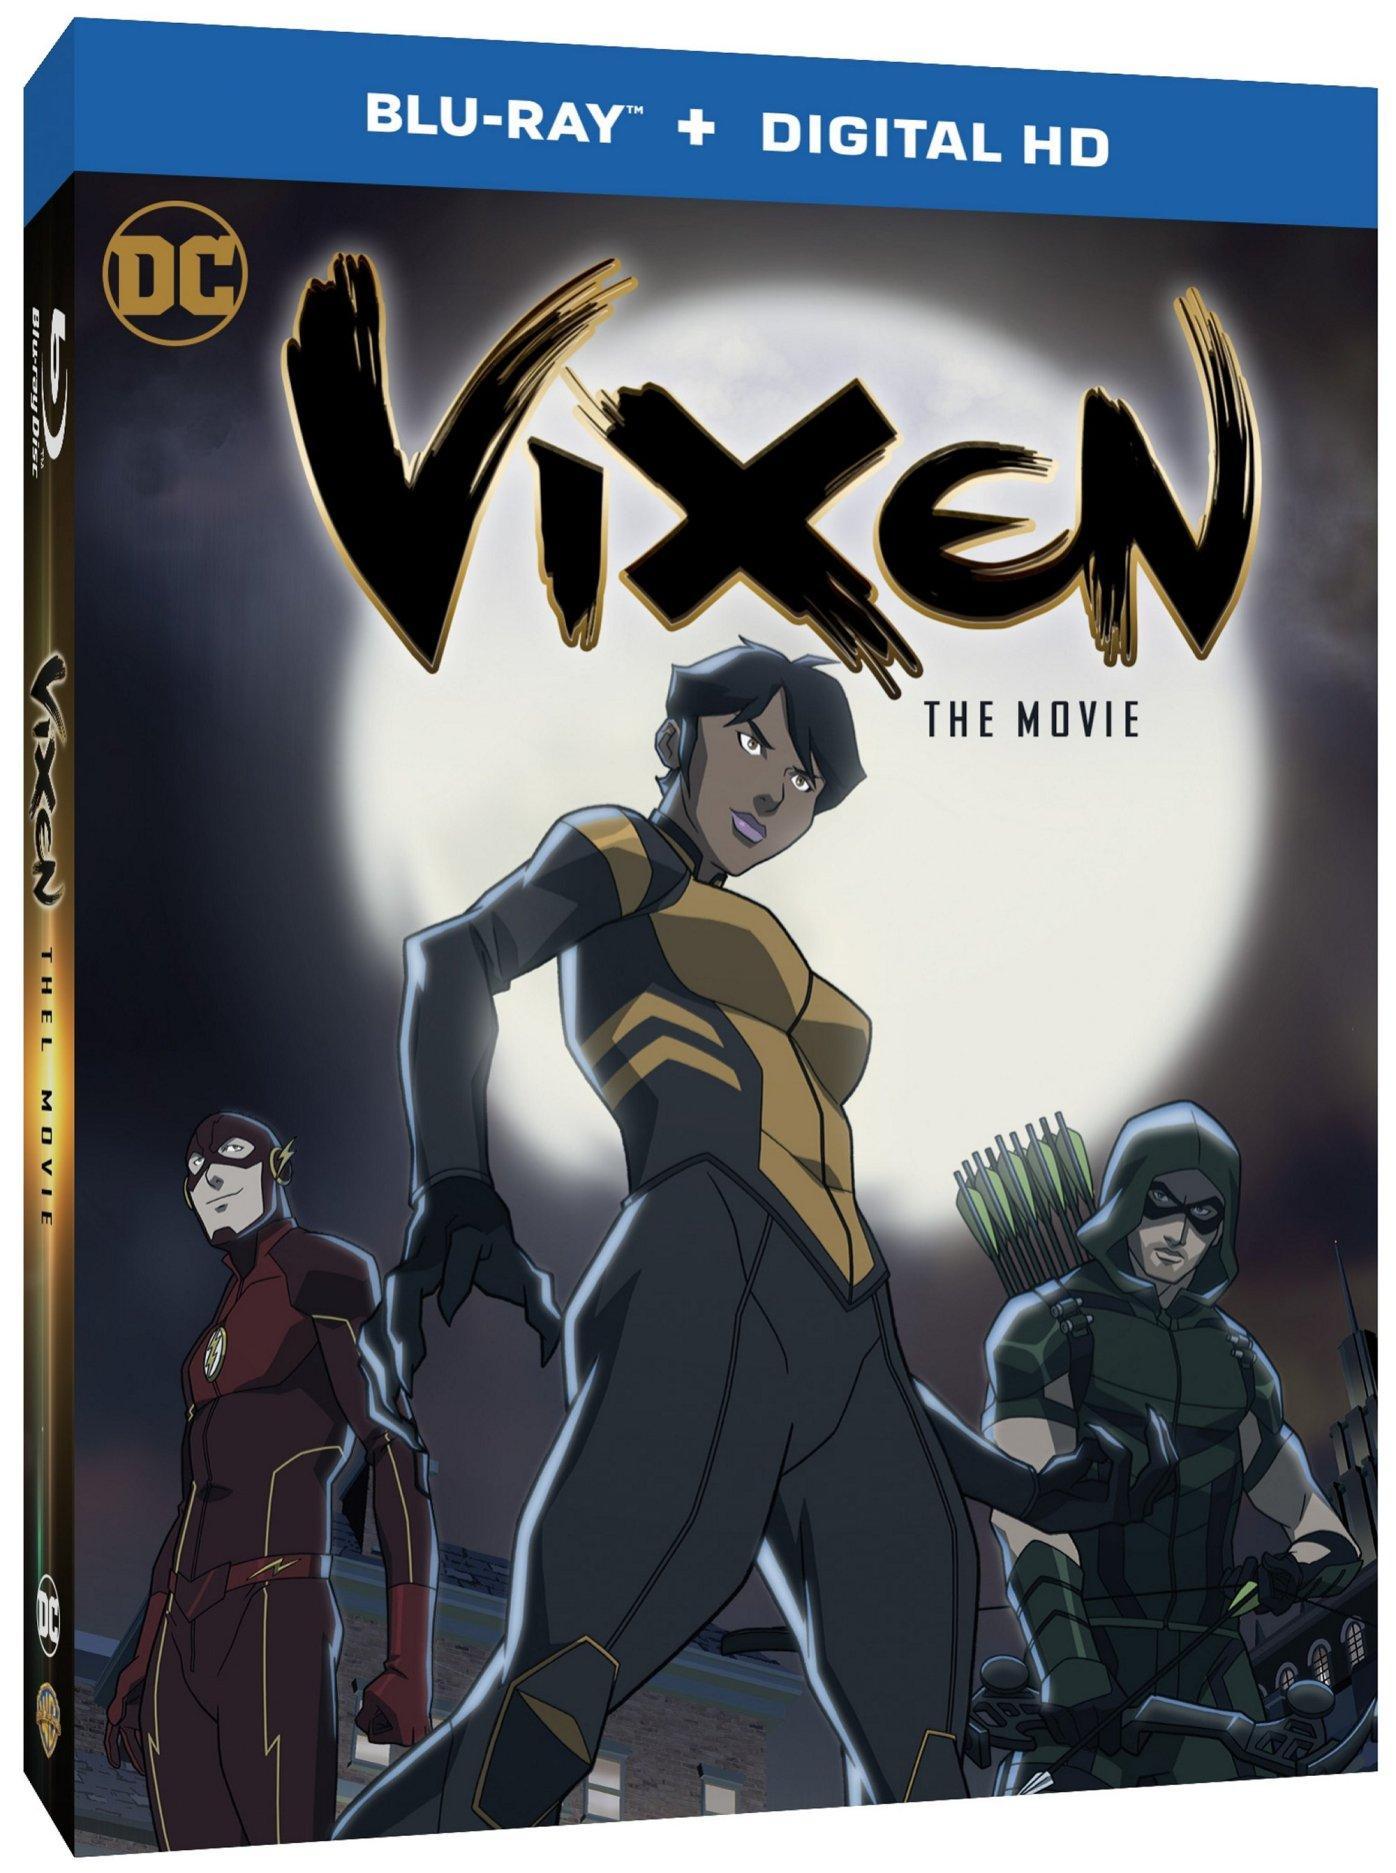 Vixen - The Movie BD Box Art 1